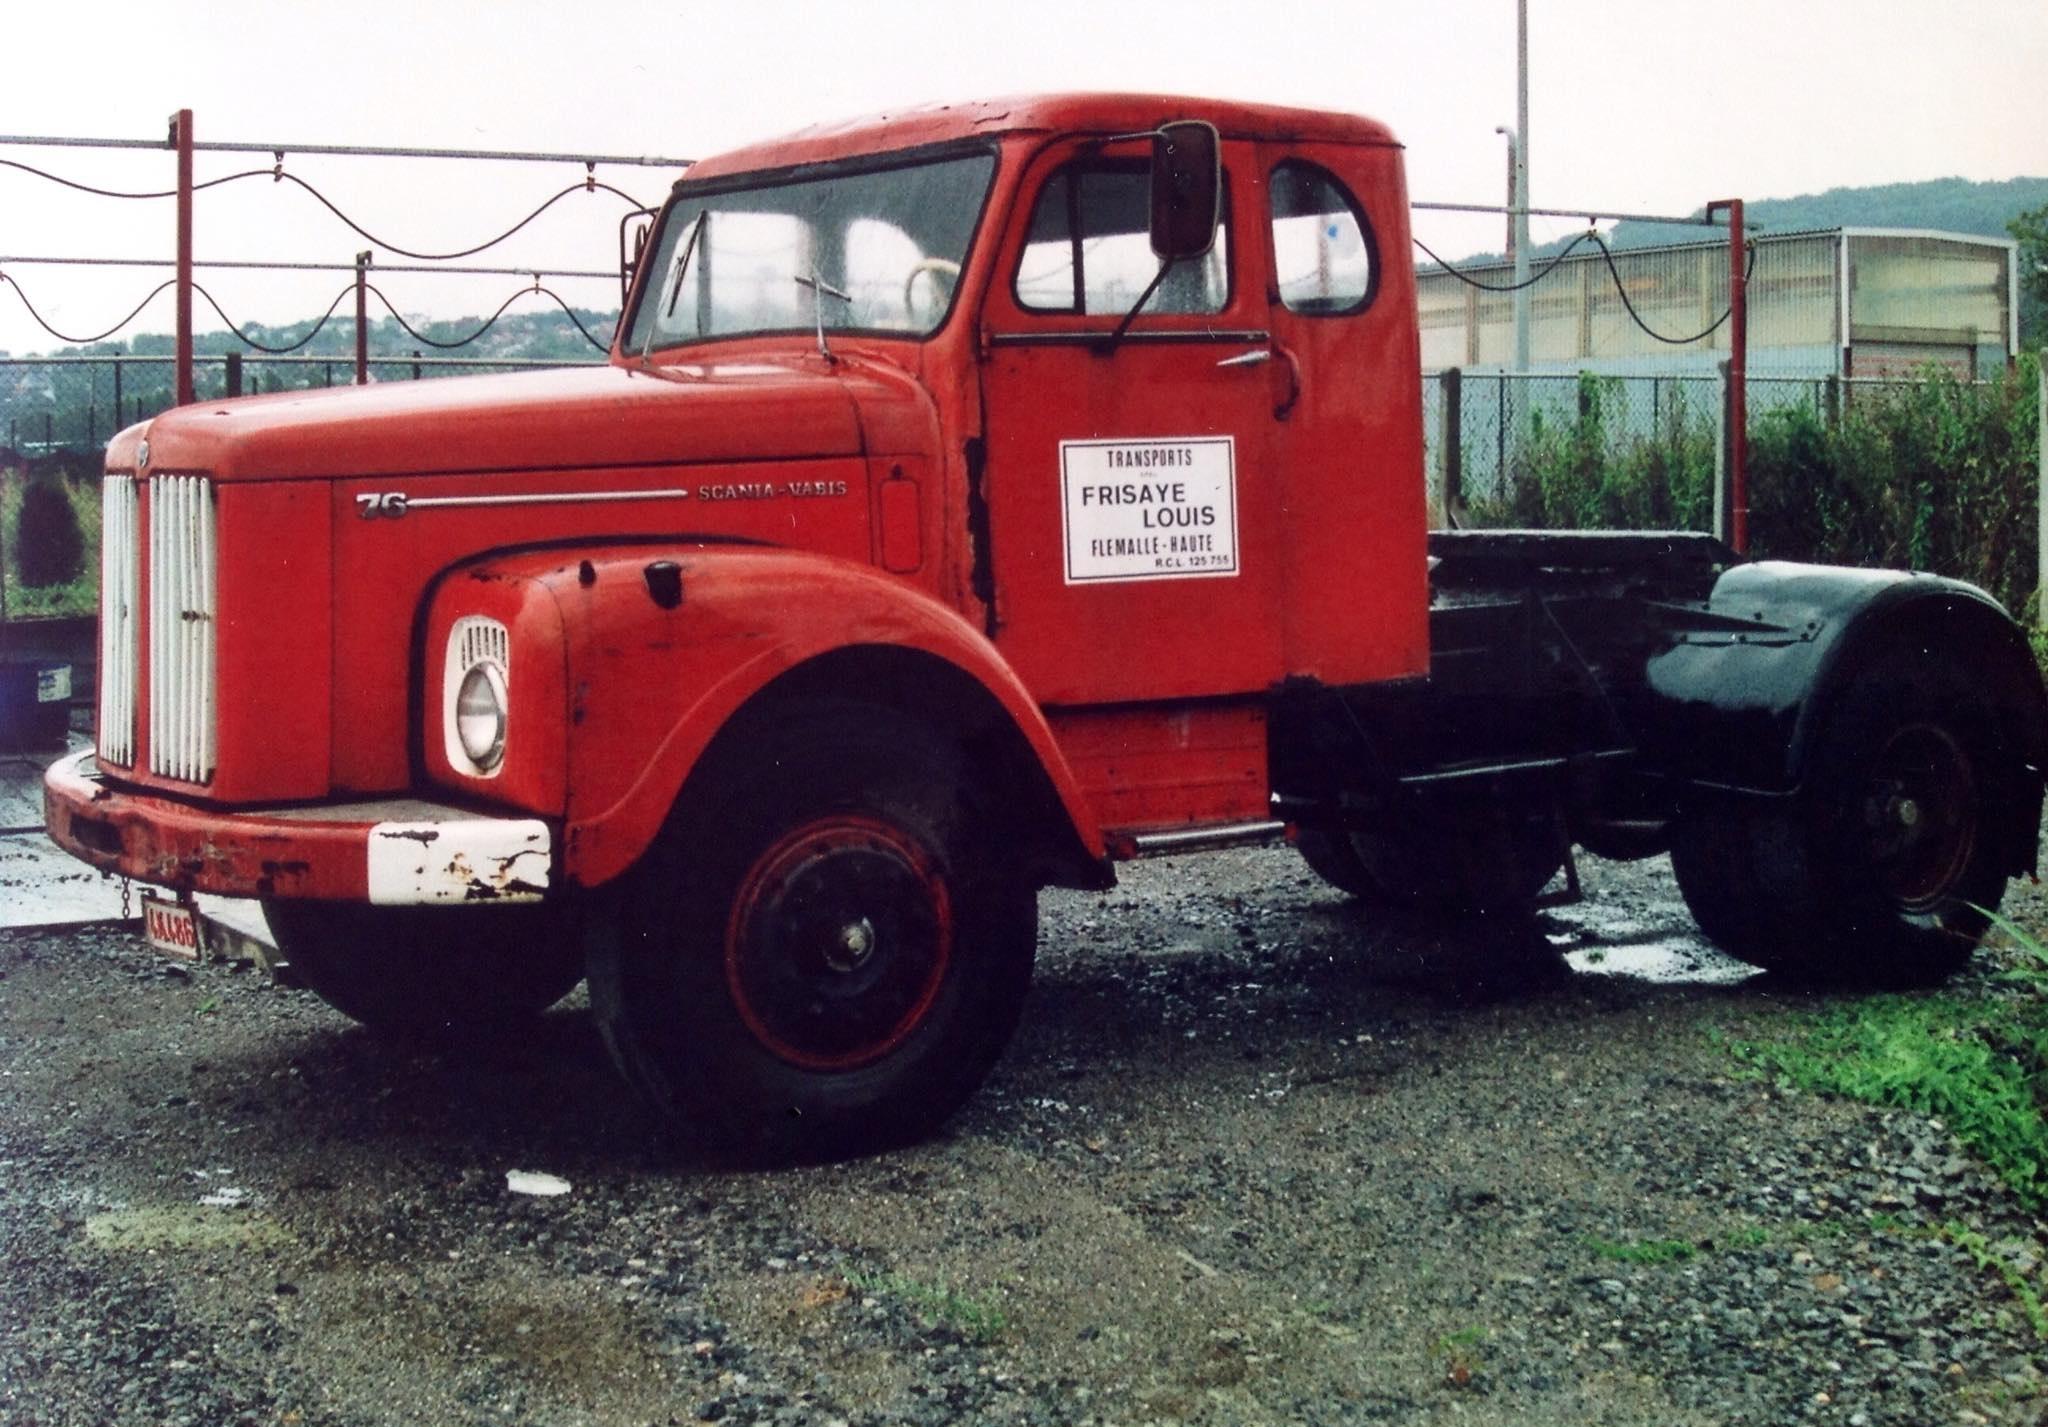 Scania-Vabis-76